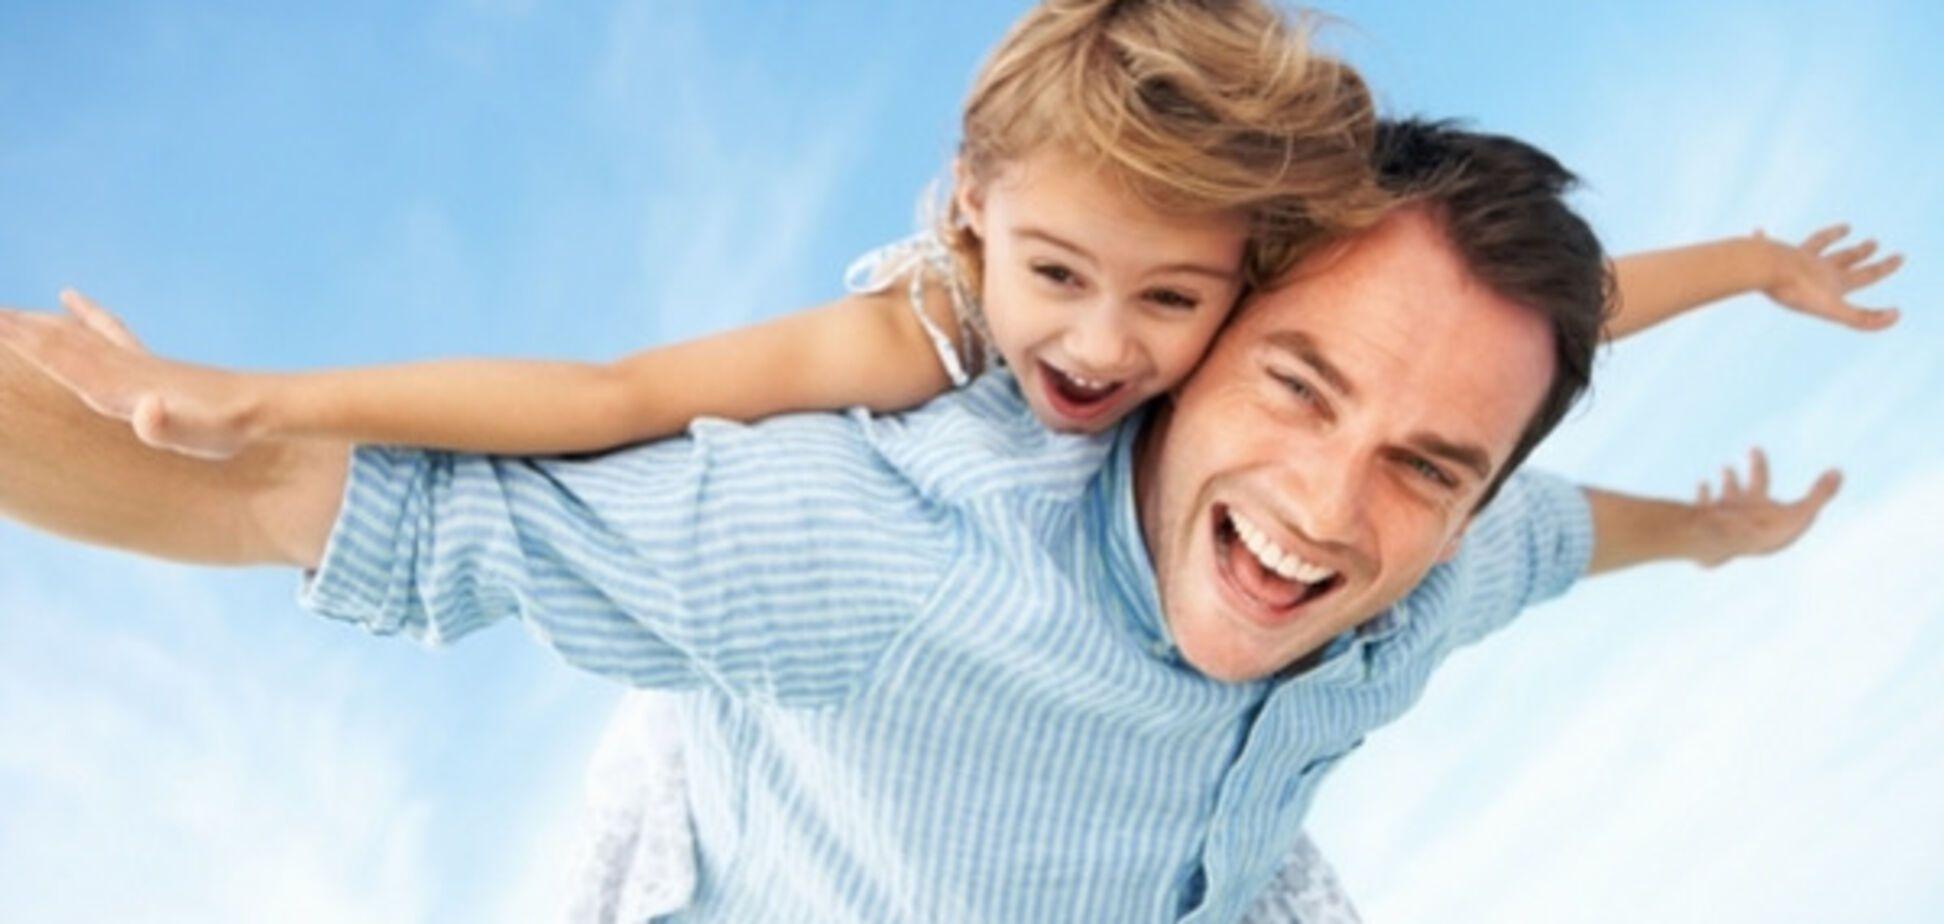 Ученые назвали отличия в отношениях отцов к дочерям и сыновьям